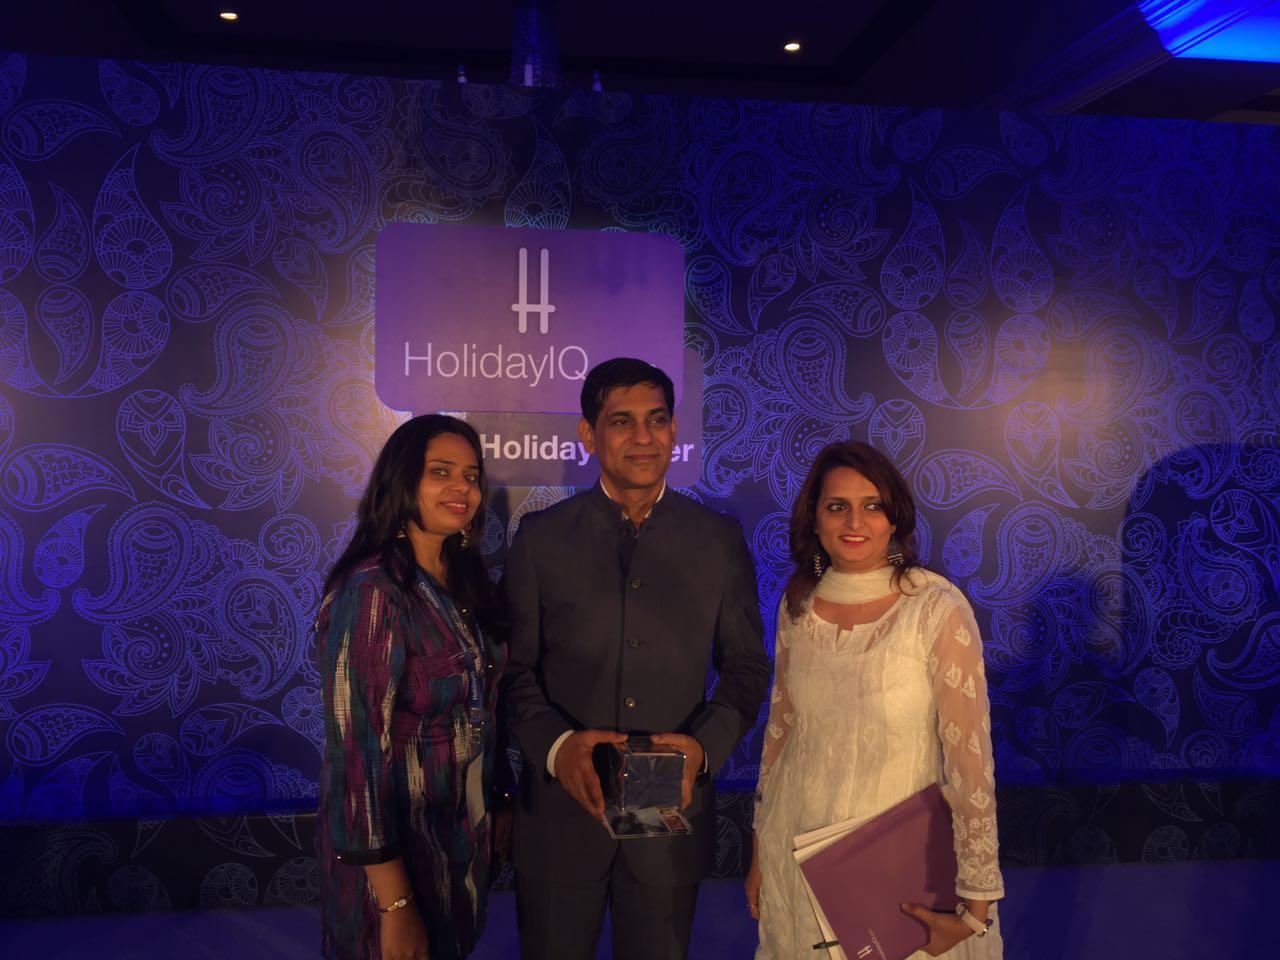 Holiday IQ, Hari Nair, Better Holiday Awards